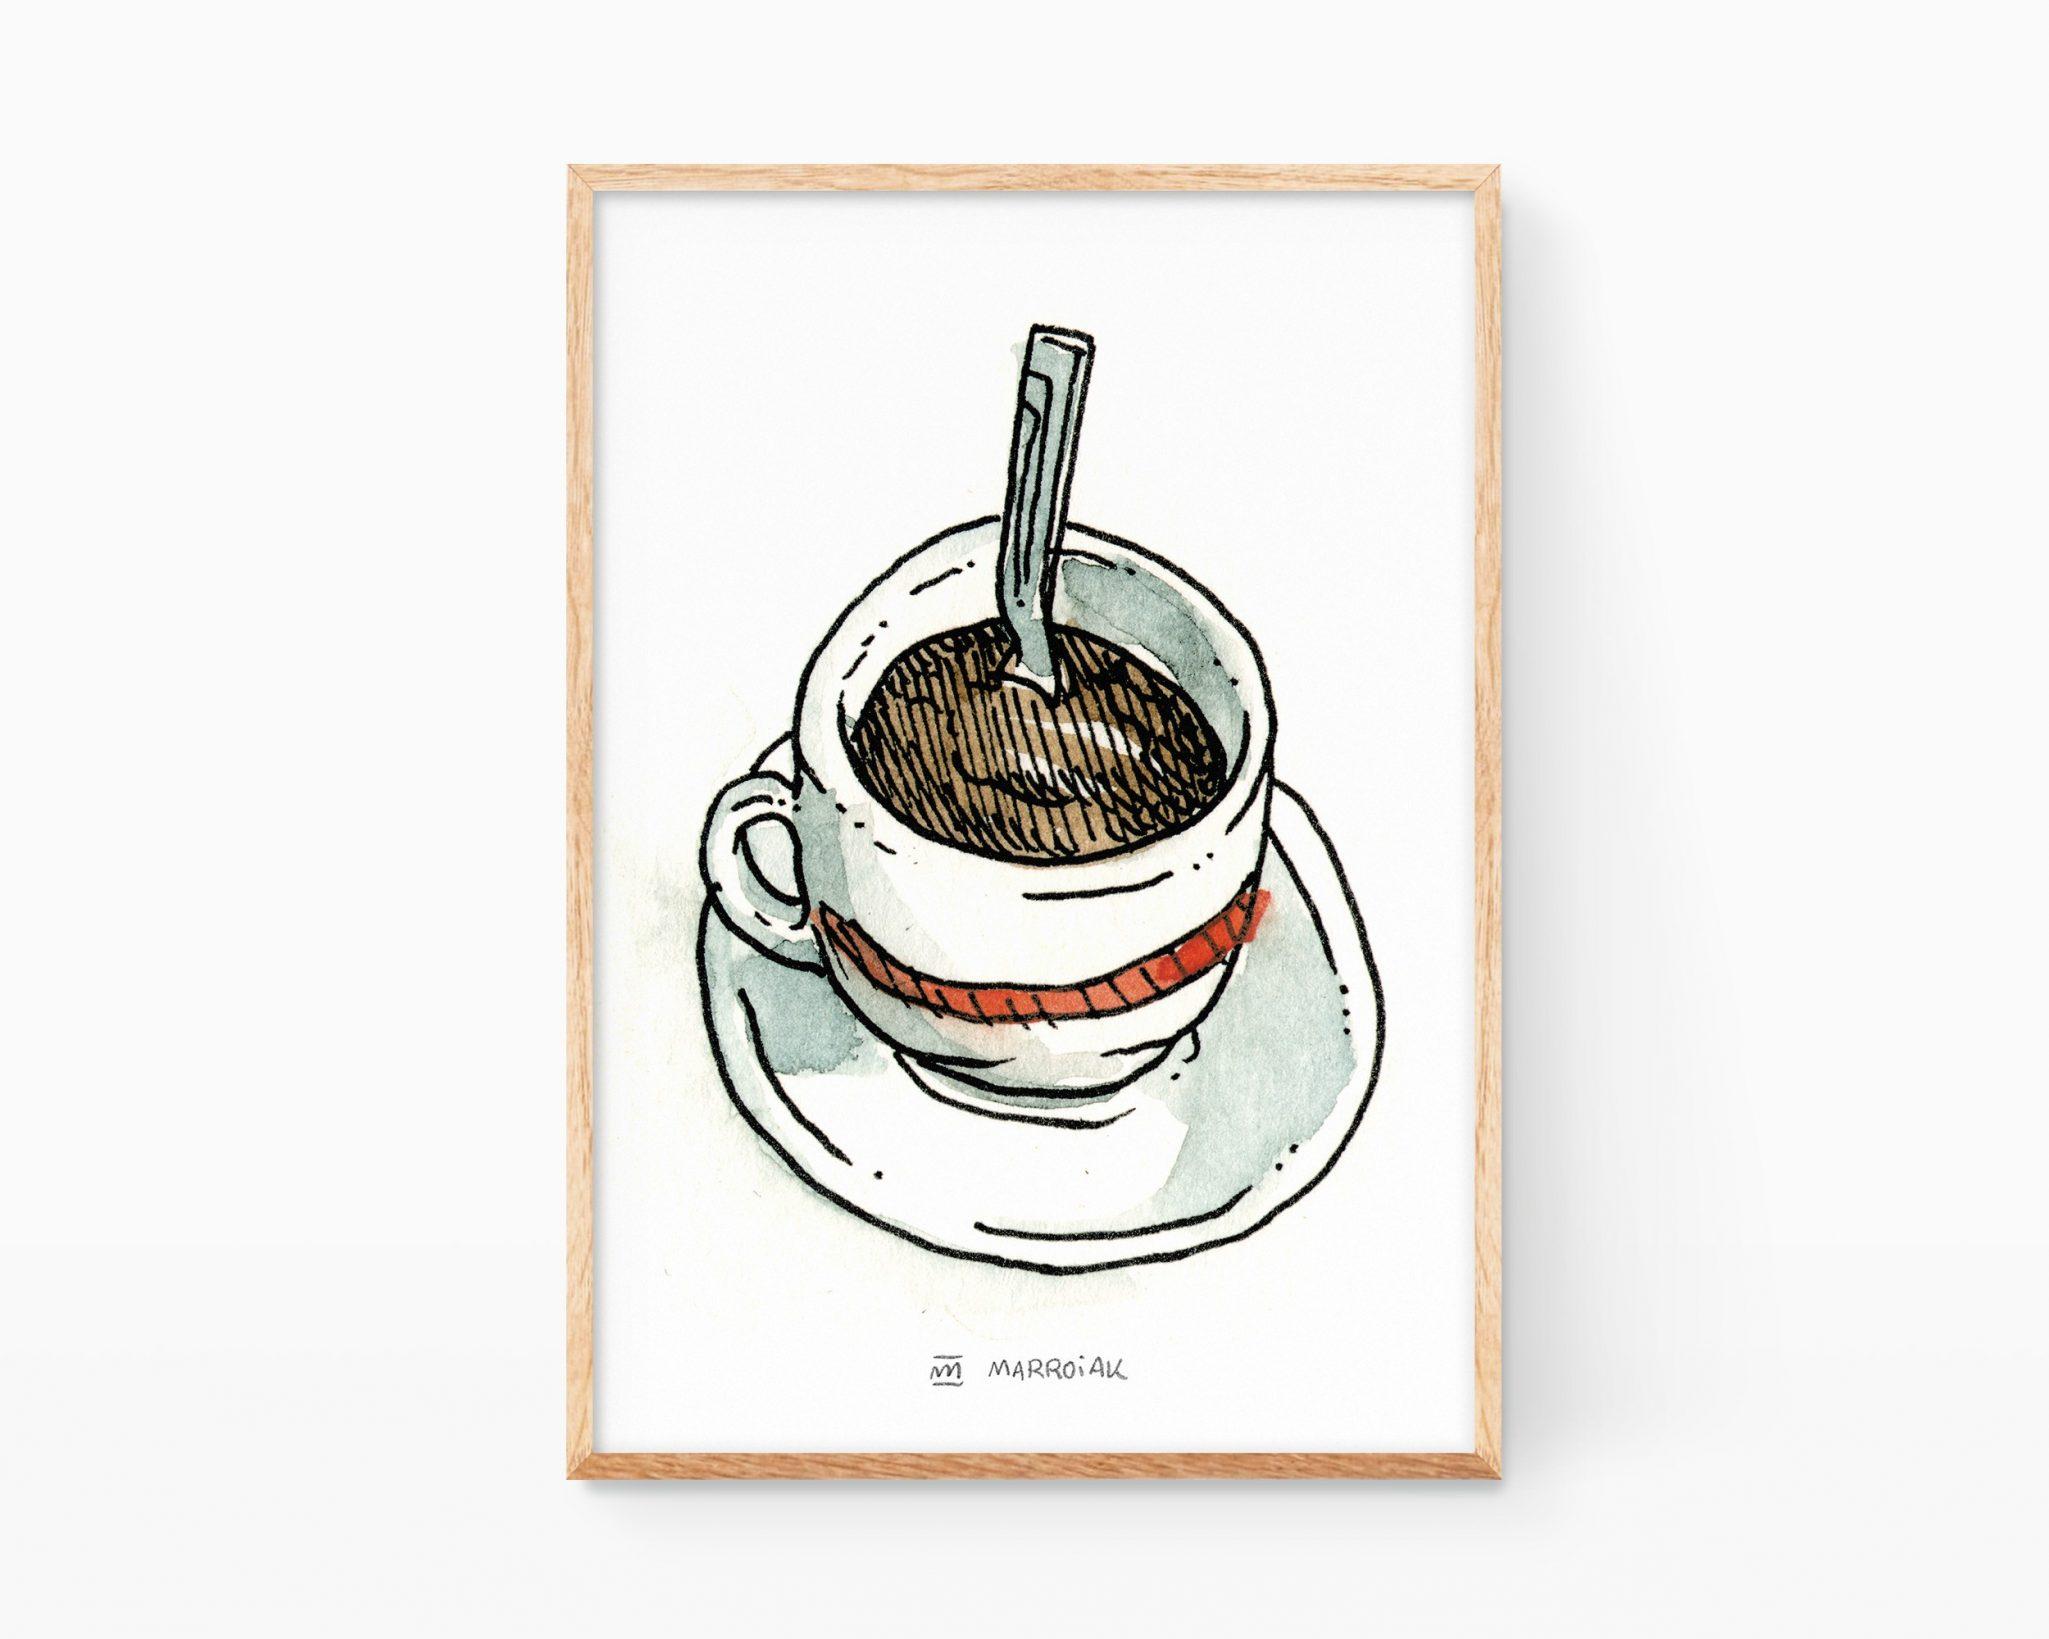 Lámina decorativa para cocinas con una ilustración en acuarela de una taza de café expresso. Venta online de cuadros para enmarcar